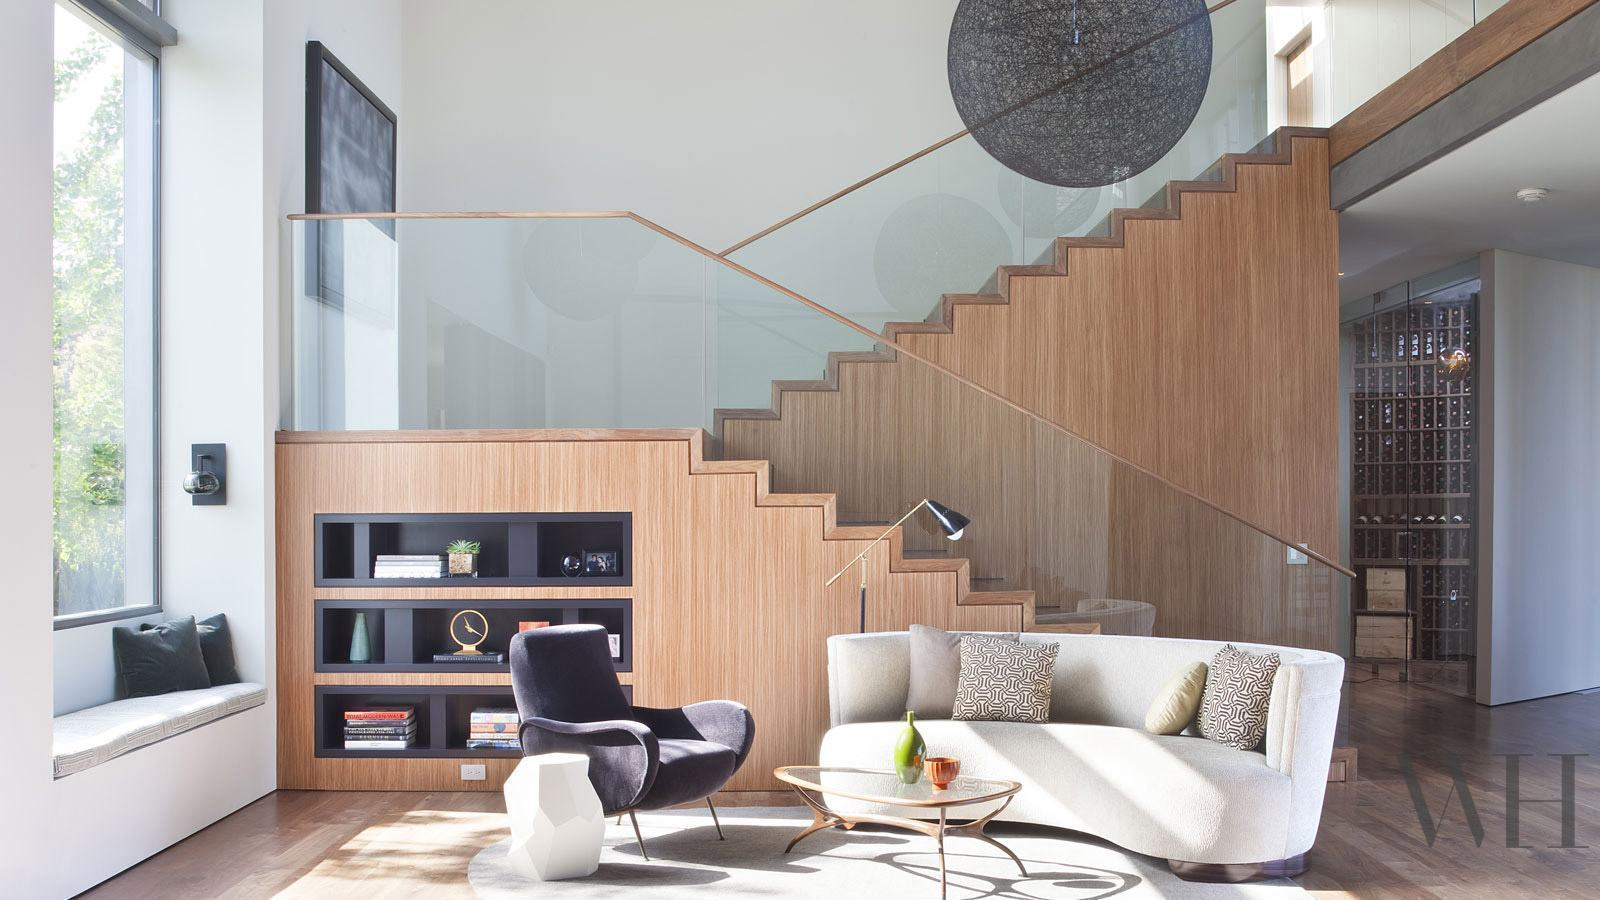 Sala Com Escada 60 Ideias E Refer Ncias Incr Veis  -> Acabamento Sala Pequena